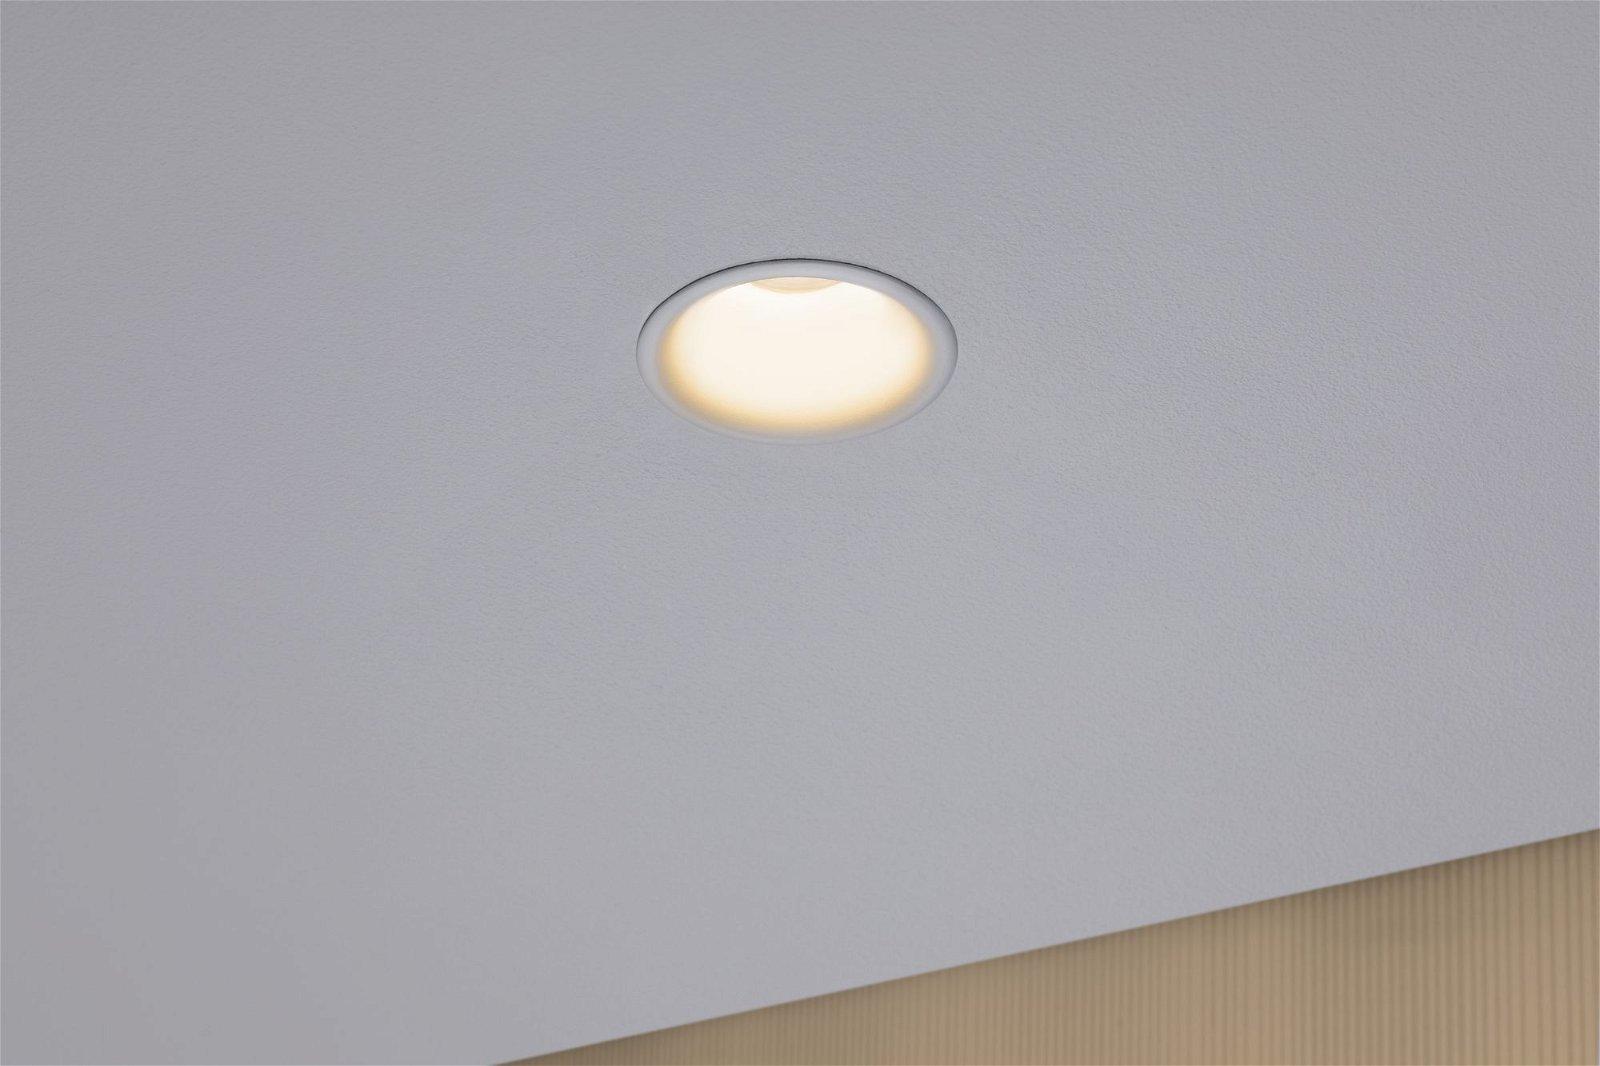 LED Einbauleuchte Cymbal Coin IP44 77mm Coin 6W 430lm 230V 2000 - 2700K Weiß matt